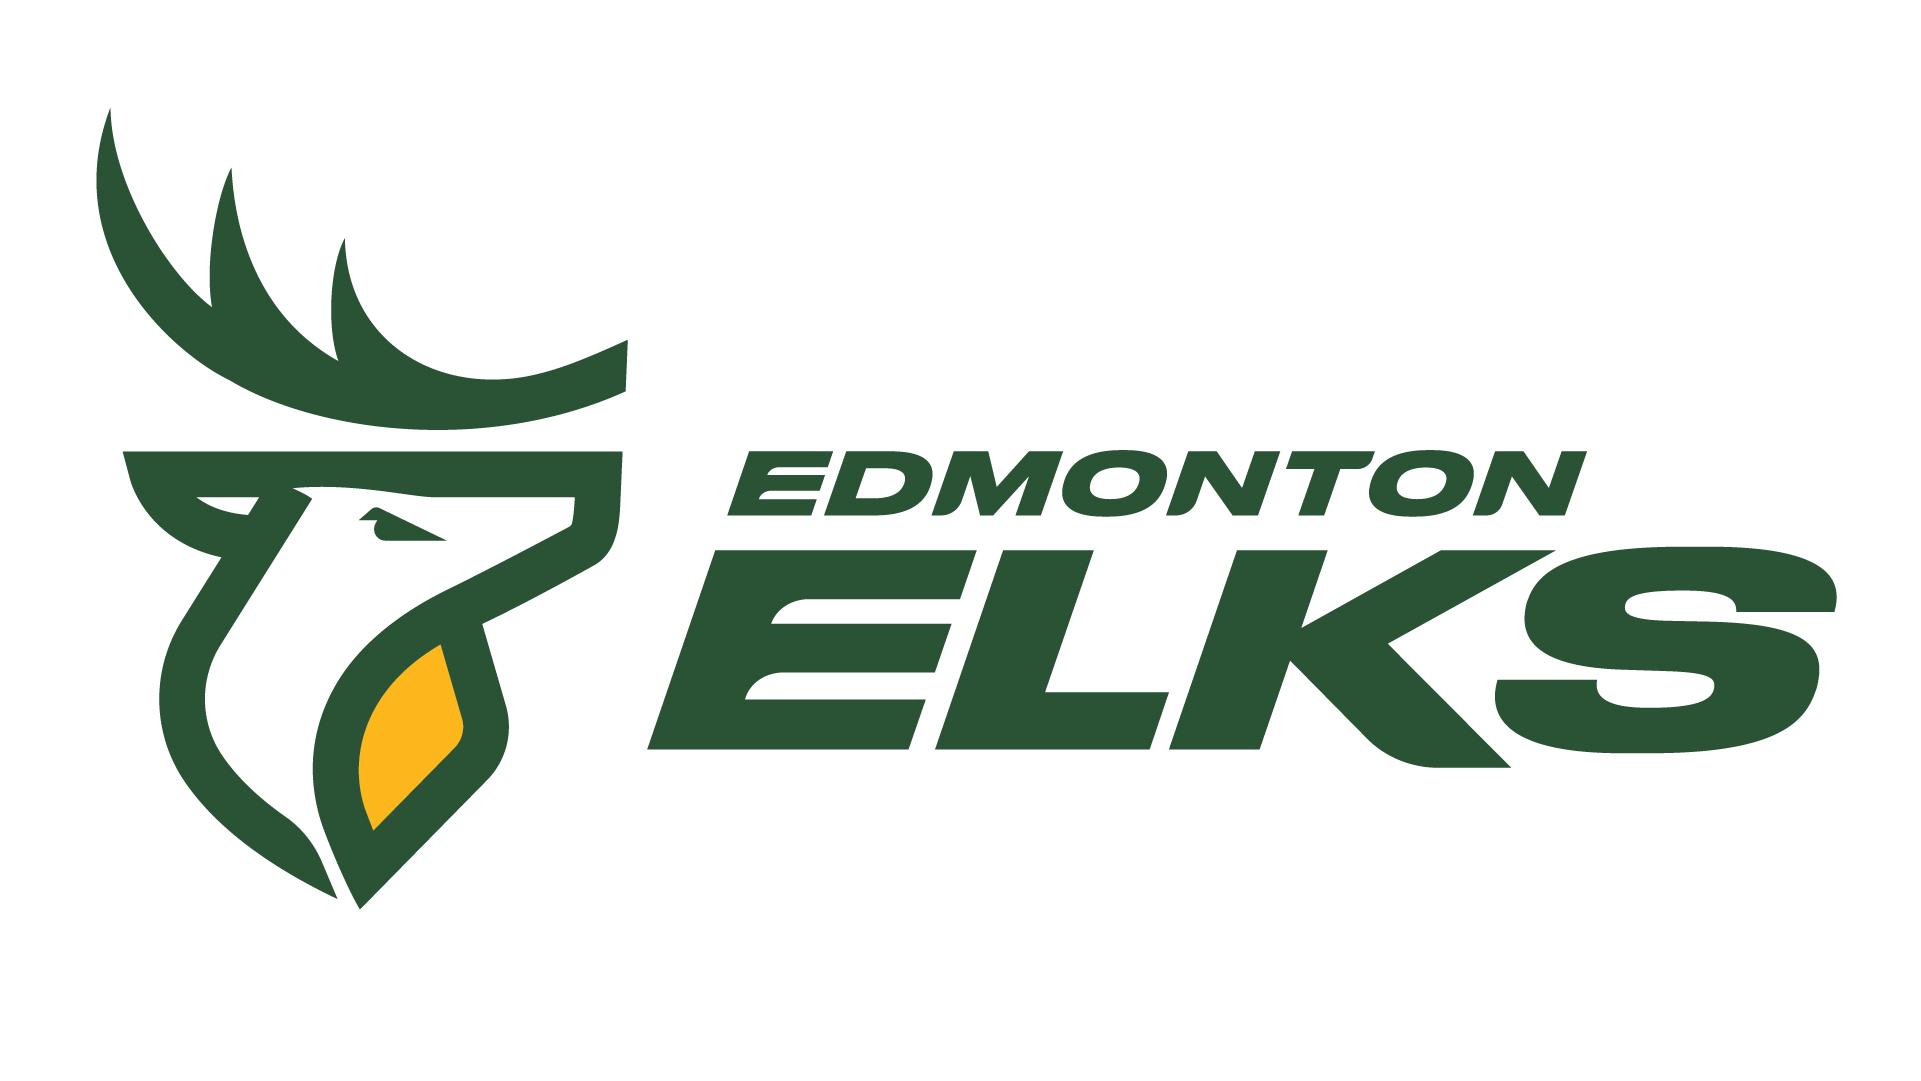 Welcome to the Edmonton Elks!